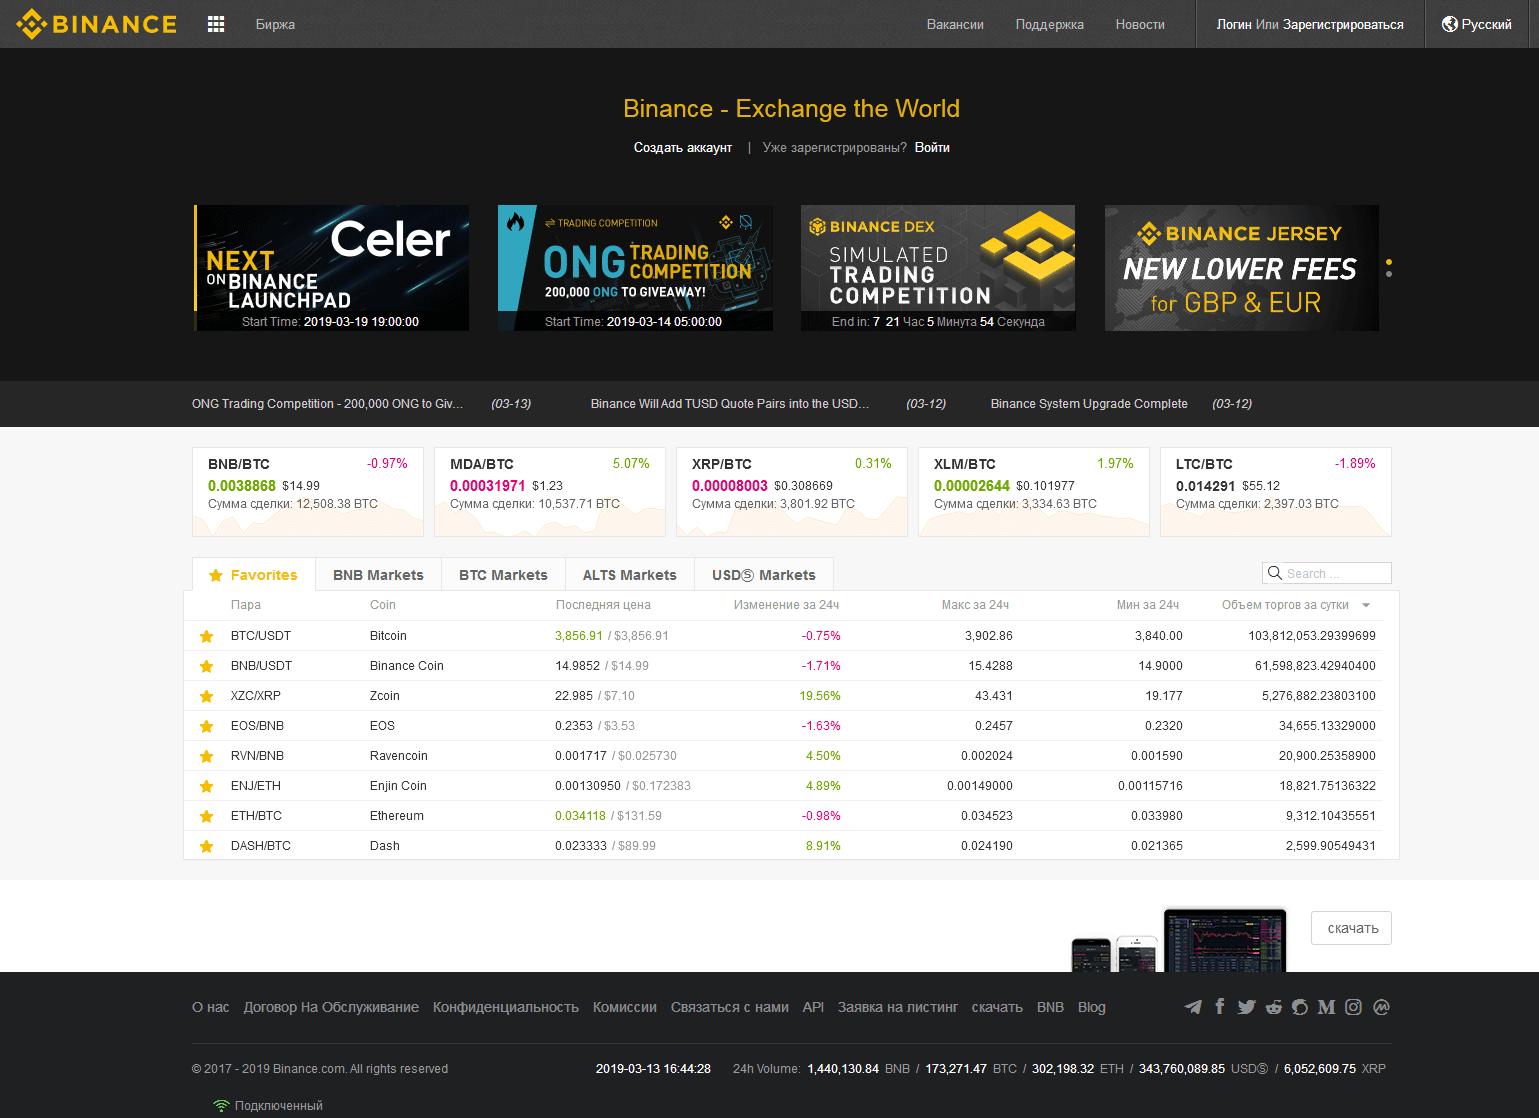 бинанс официальный сайт